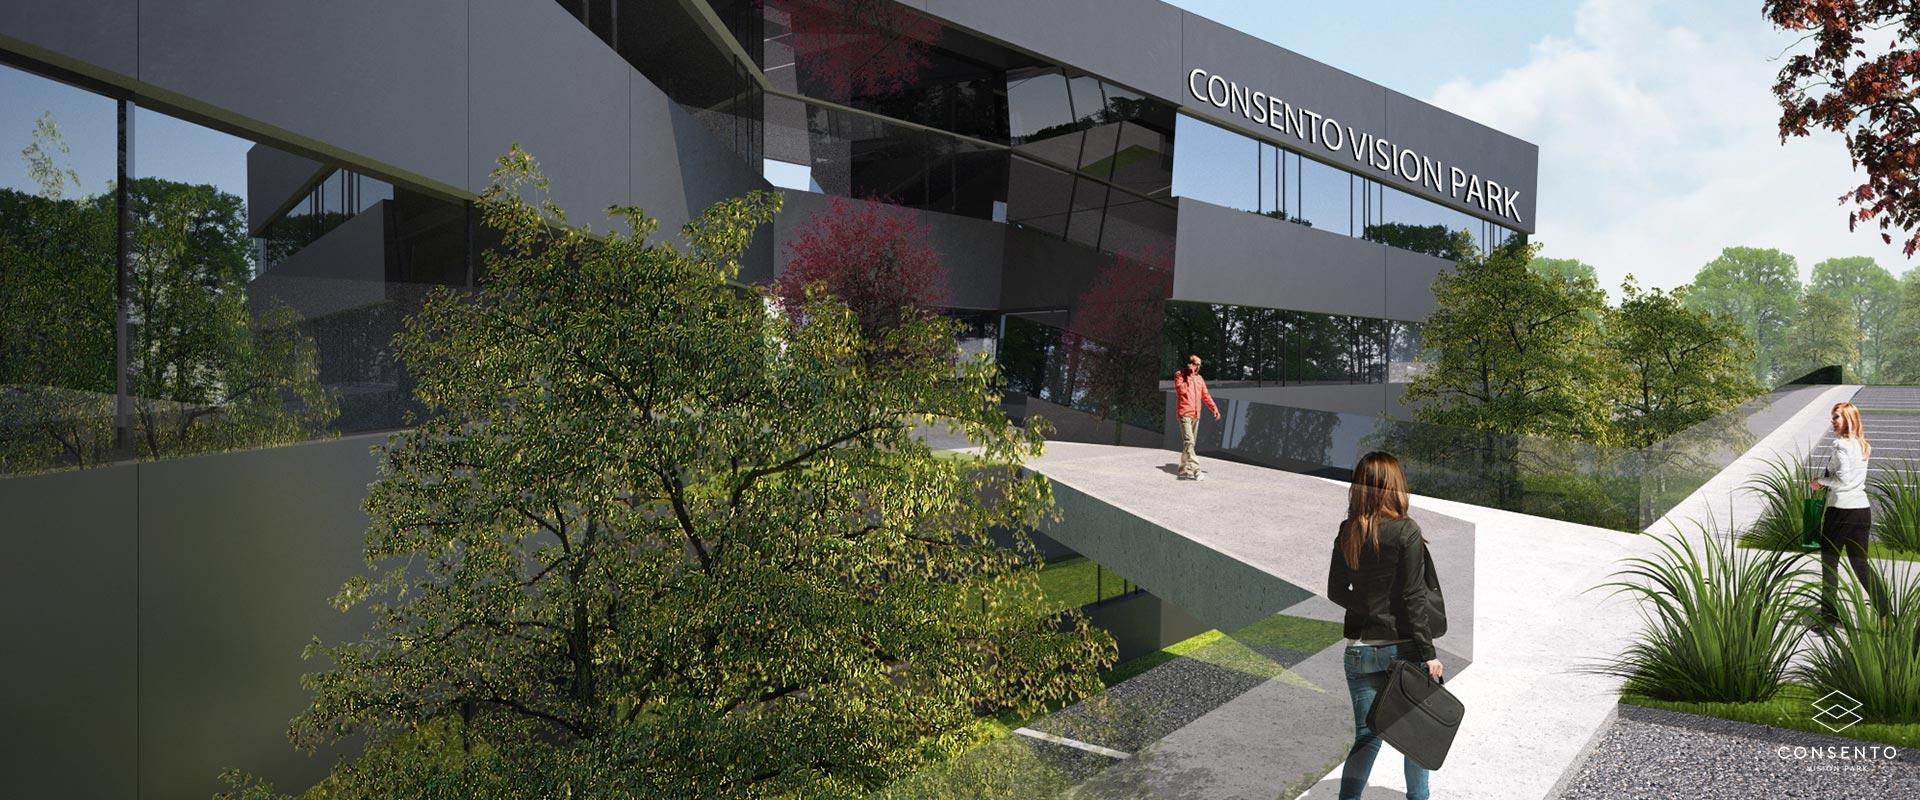 consento-visionpark-plan-3d-03